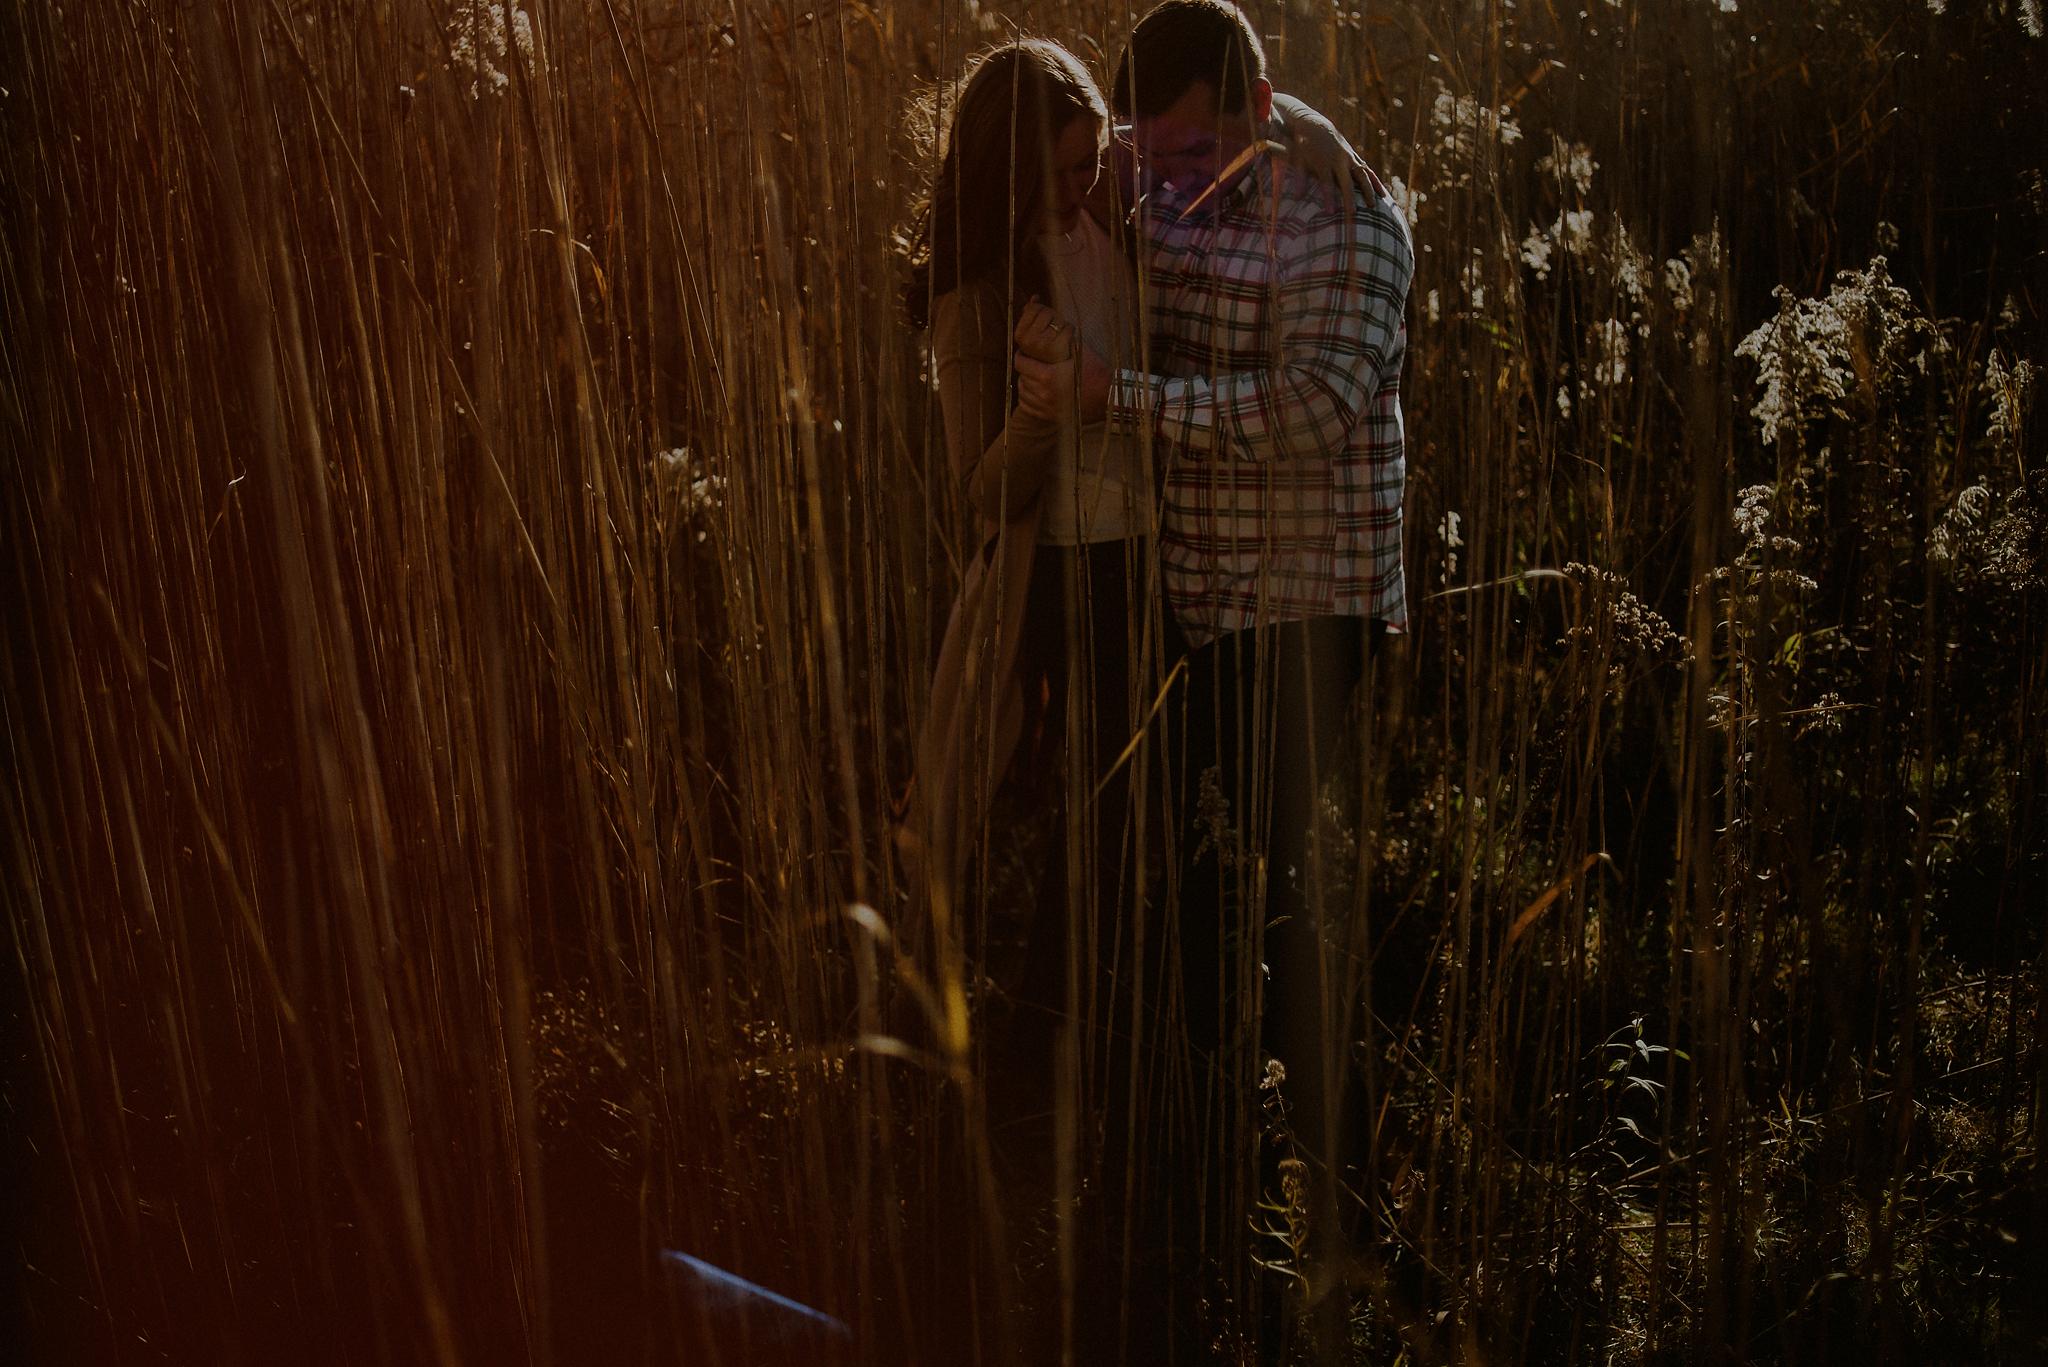 countryside wedding photos